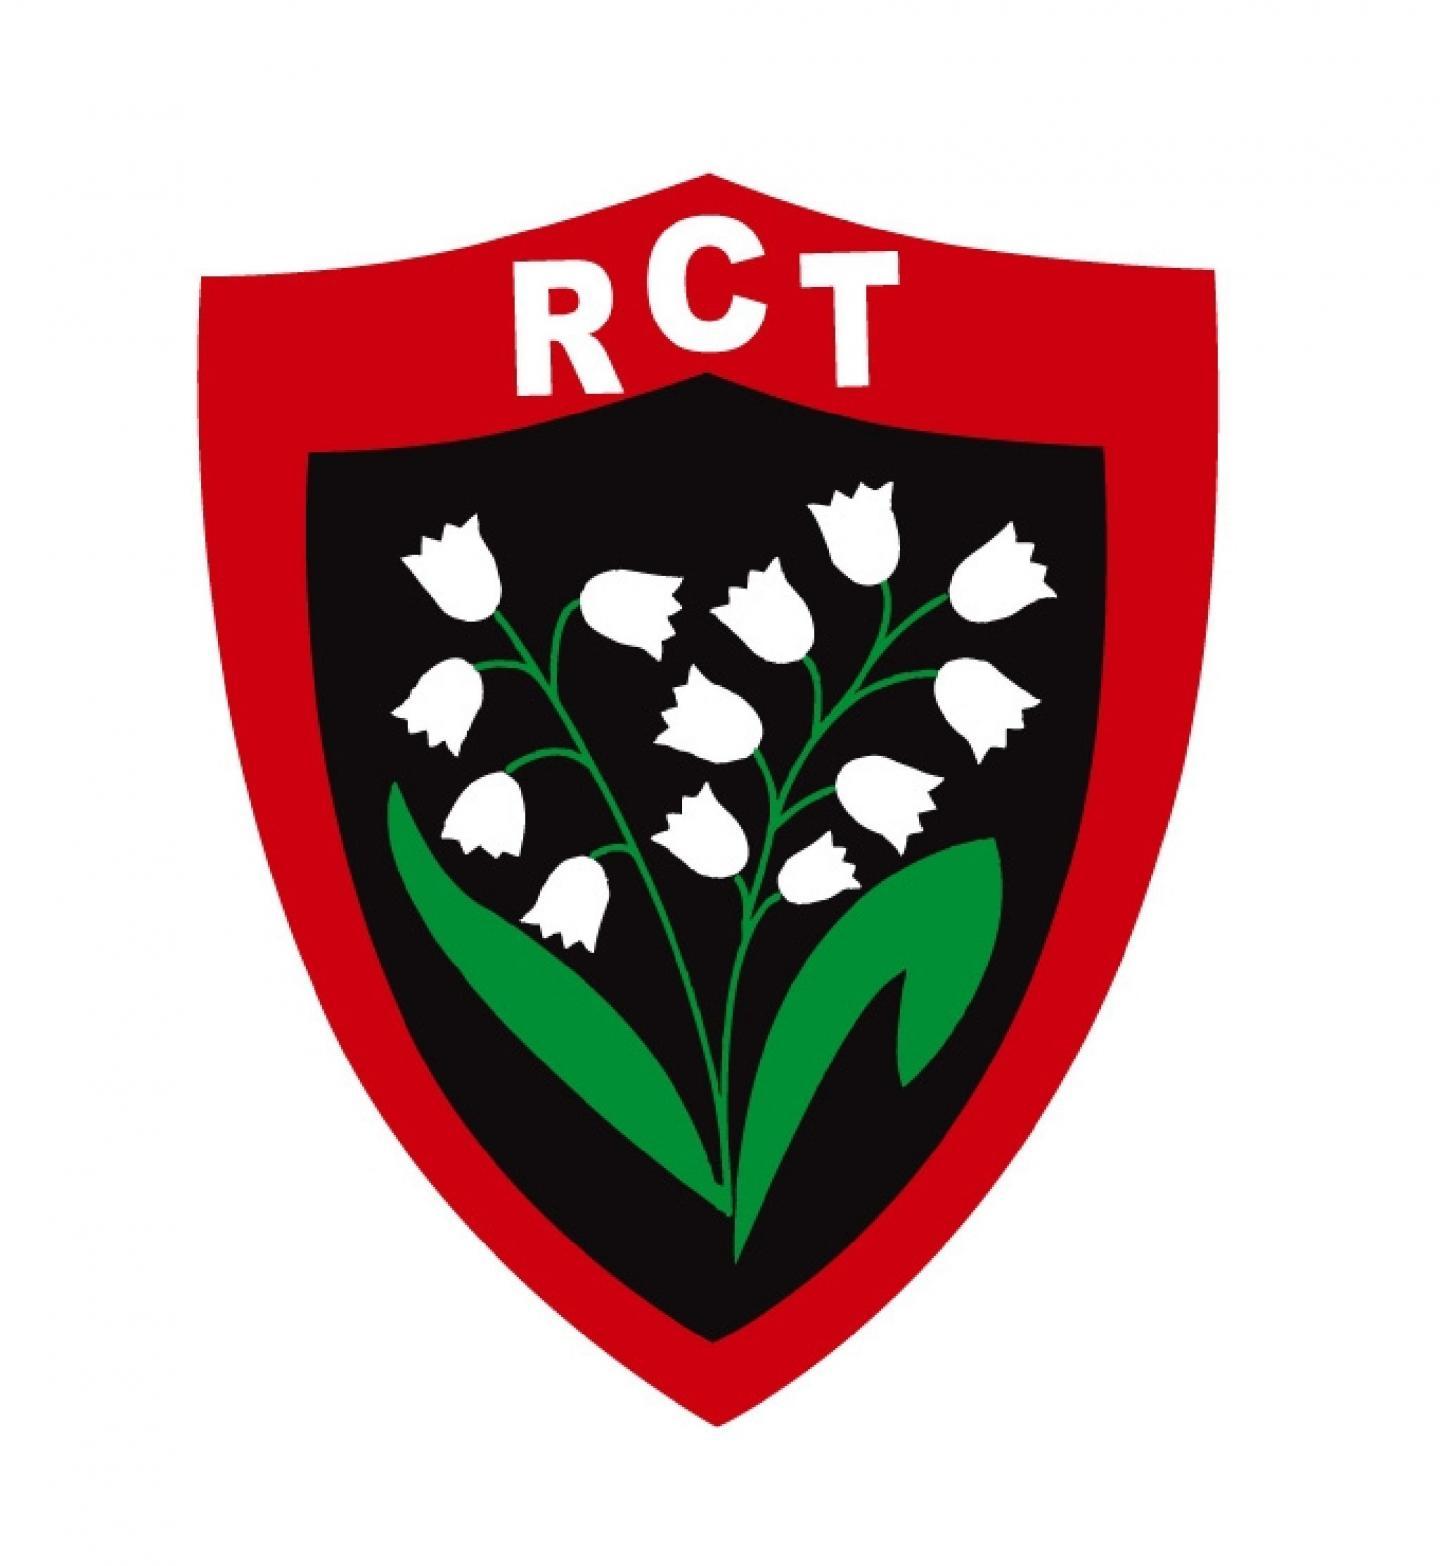 Le manager, Bernard Laporte, ne rougit pas de la saison réalisée par le RCT, en dépit de l'élimination en demie du Top 14. Il est prêt à rebondir pour son ultime baroud à la tête du club.